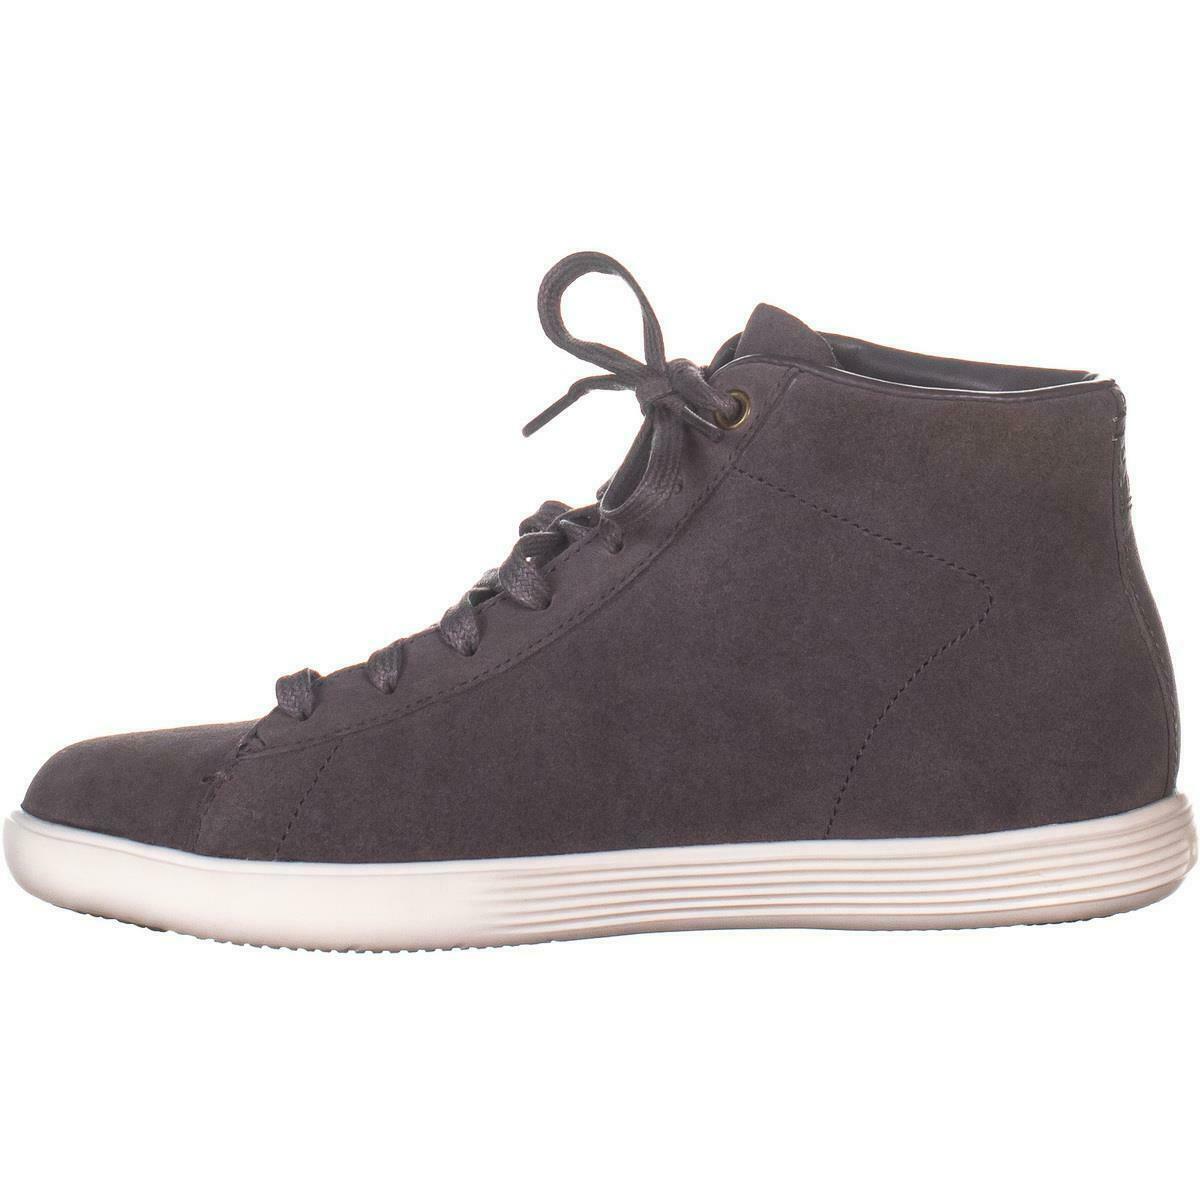 Cole Haan Grand Crosscourt High Top Sneakers, Stormcloud Camoscio, 6 US